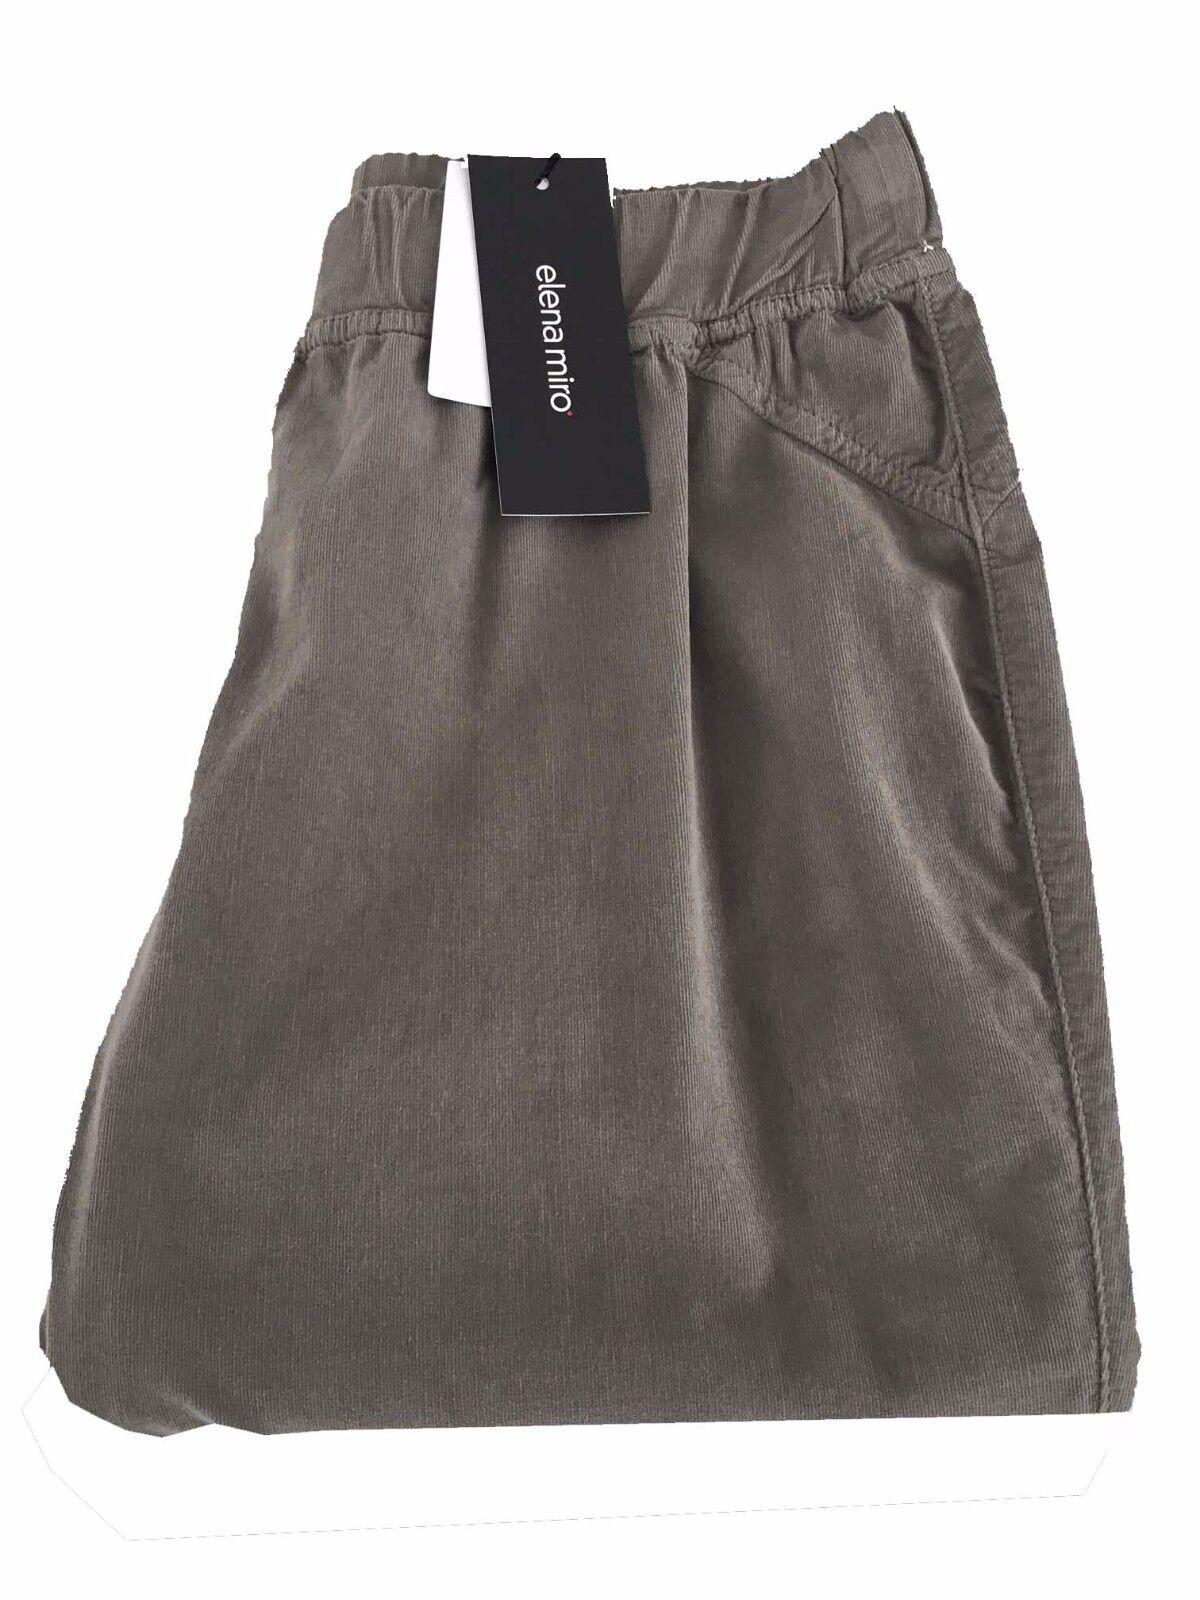 Pantalone damen tortora ELENA MIRO' cotone velluto a righe con elastico in vita